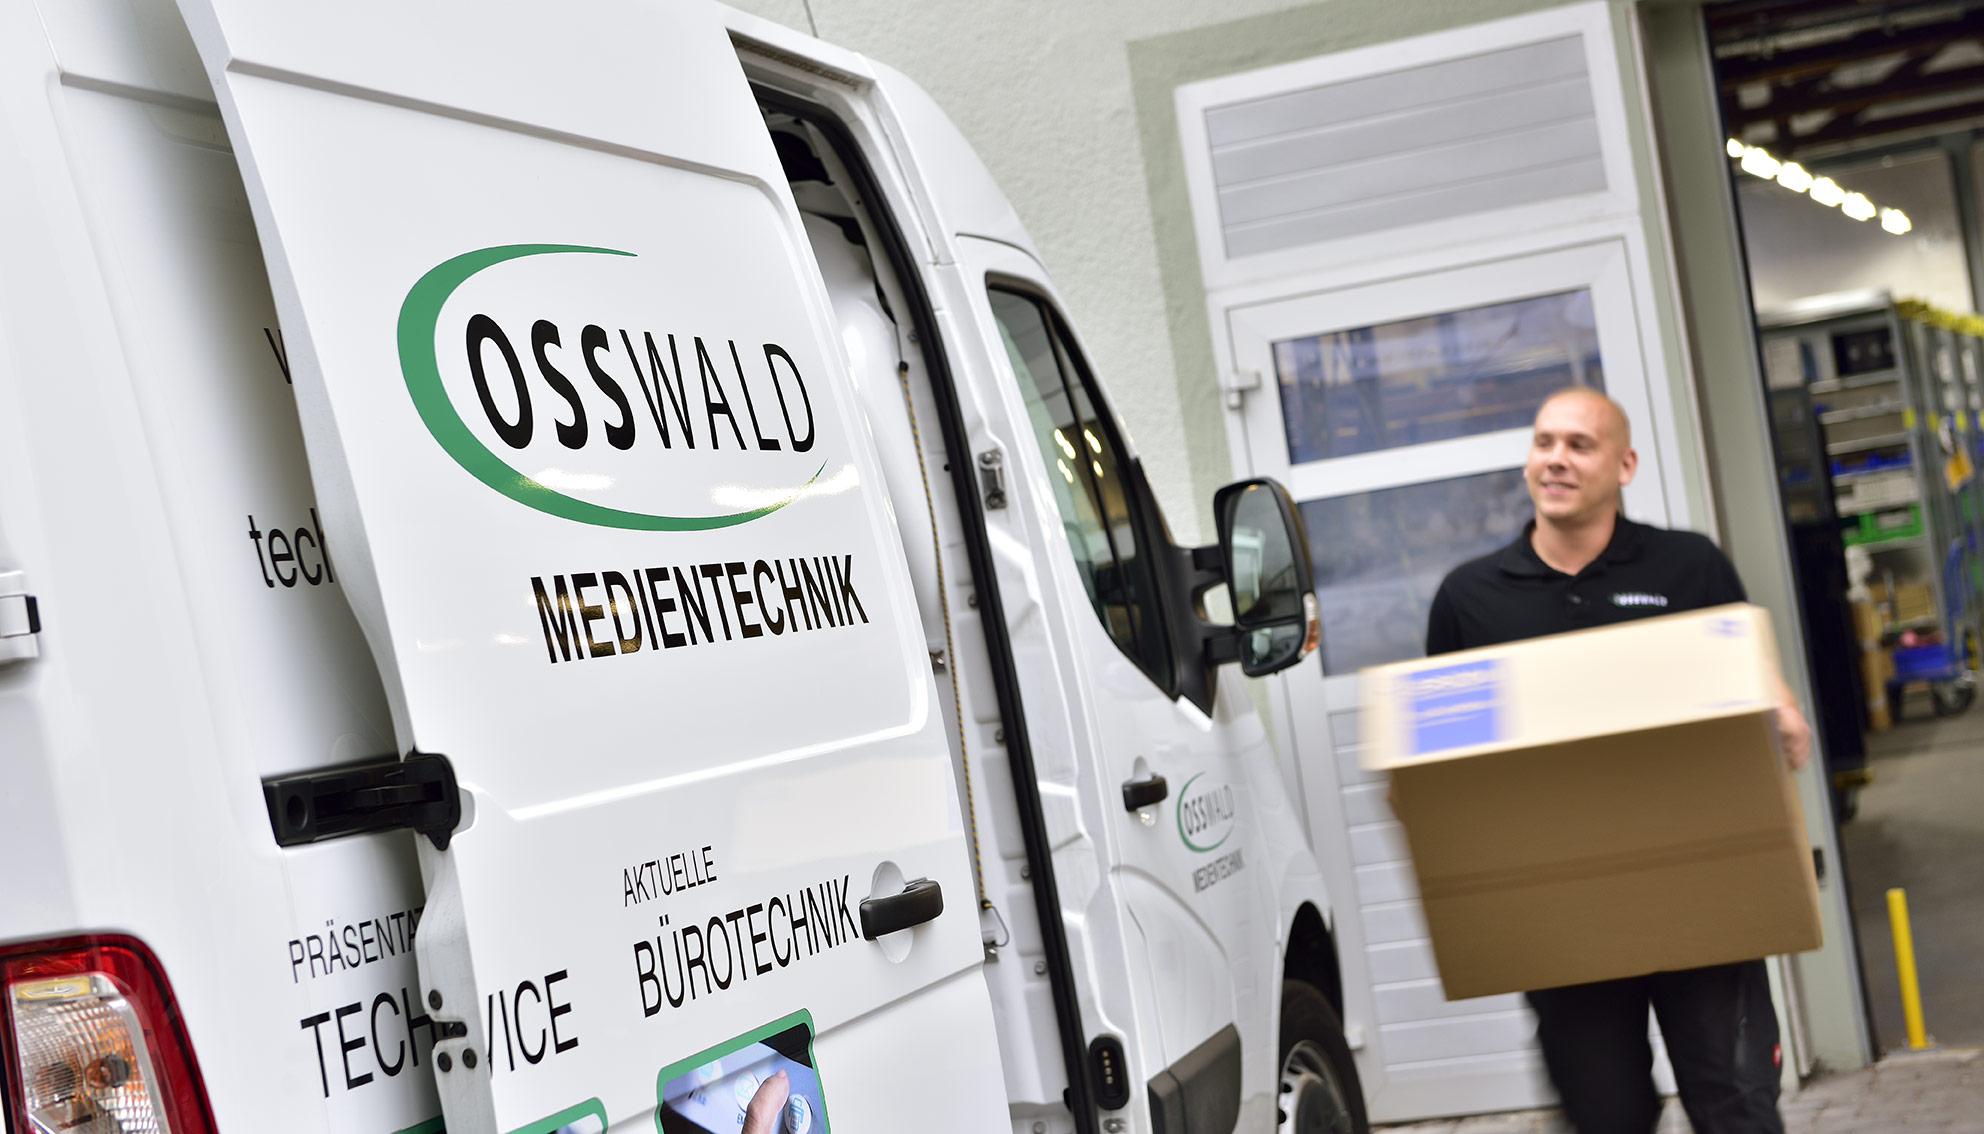 C Osswald Burobedarf C Artikel Medientechnik Osswald